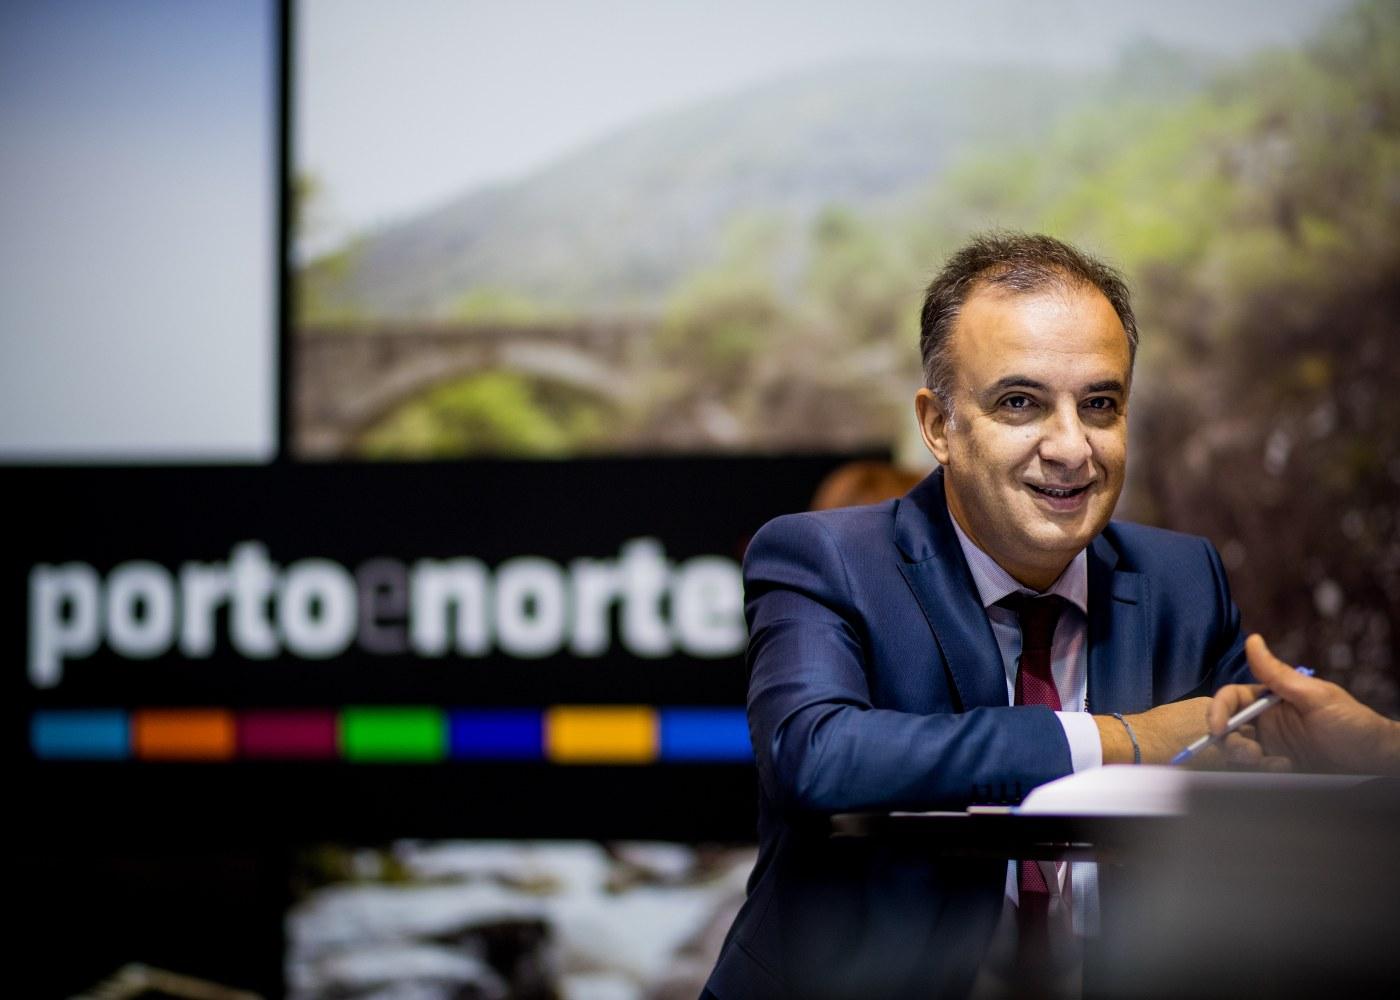 Presidente do Turismo do Porto e Norte